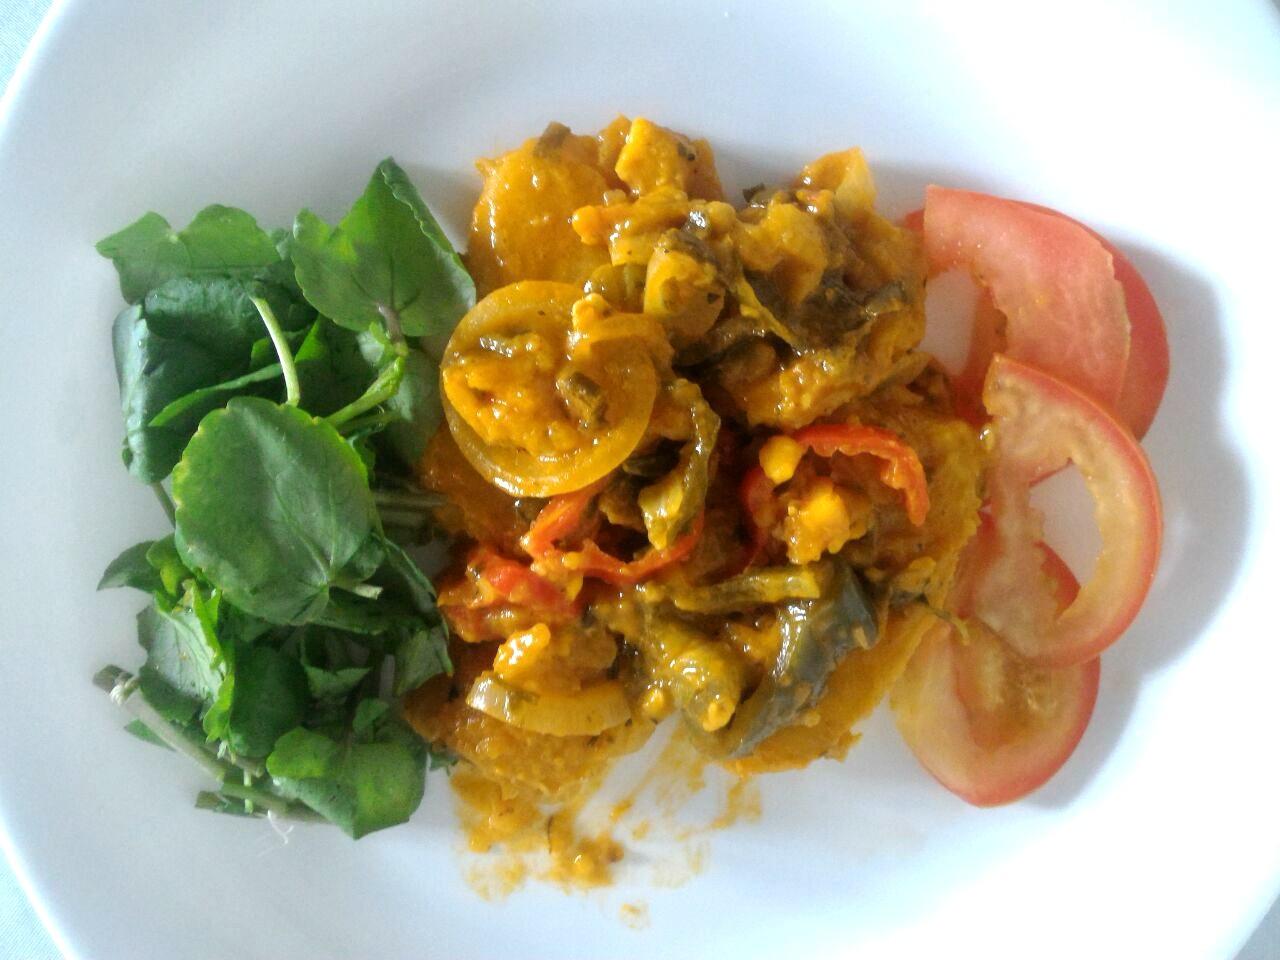 Mulher adota estilo de vida saudável, abre restaurante e inova com receita de moqueca de banana no Acre